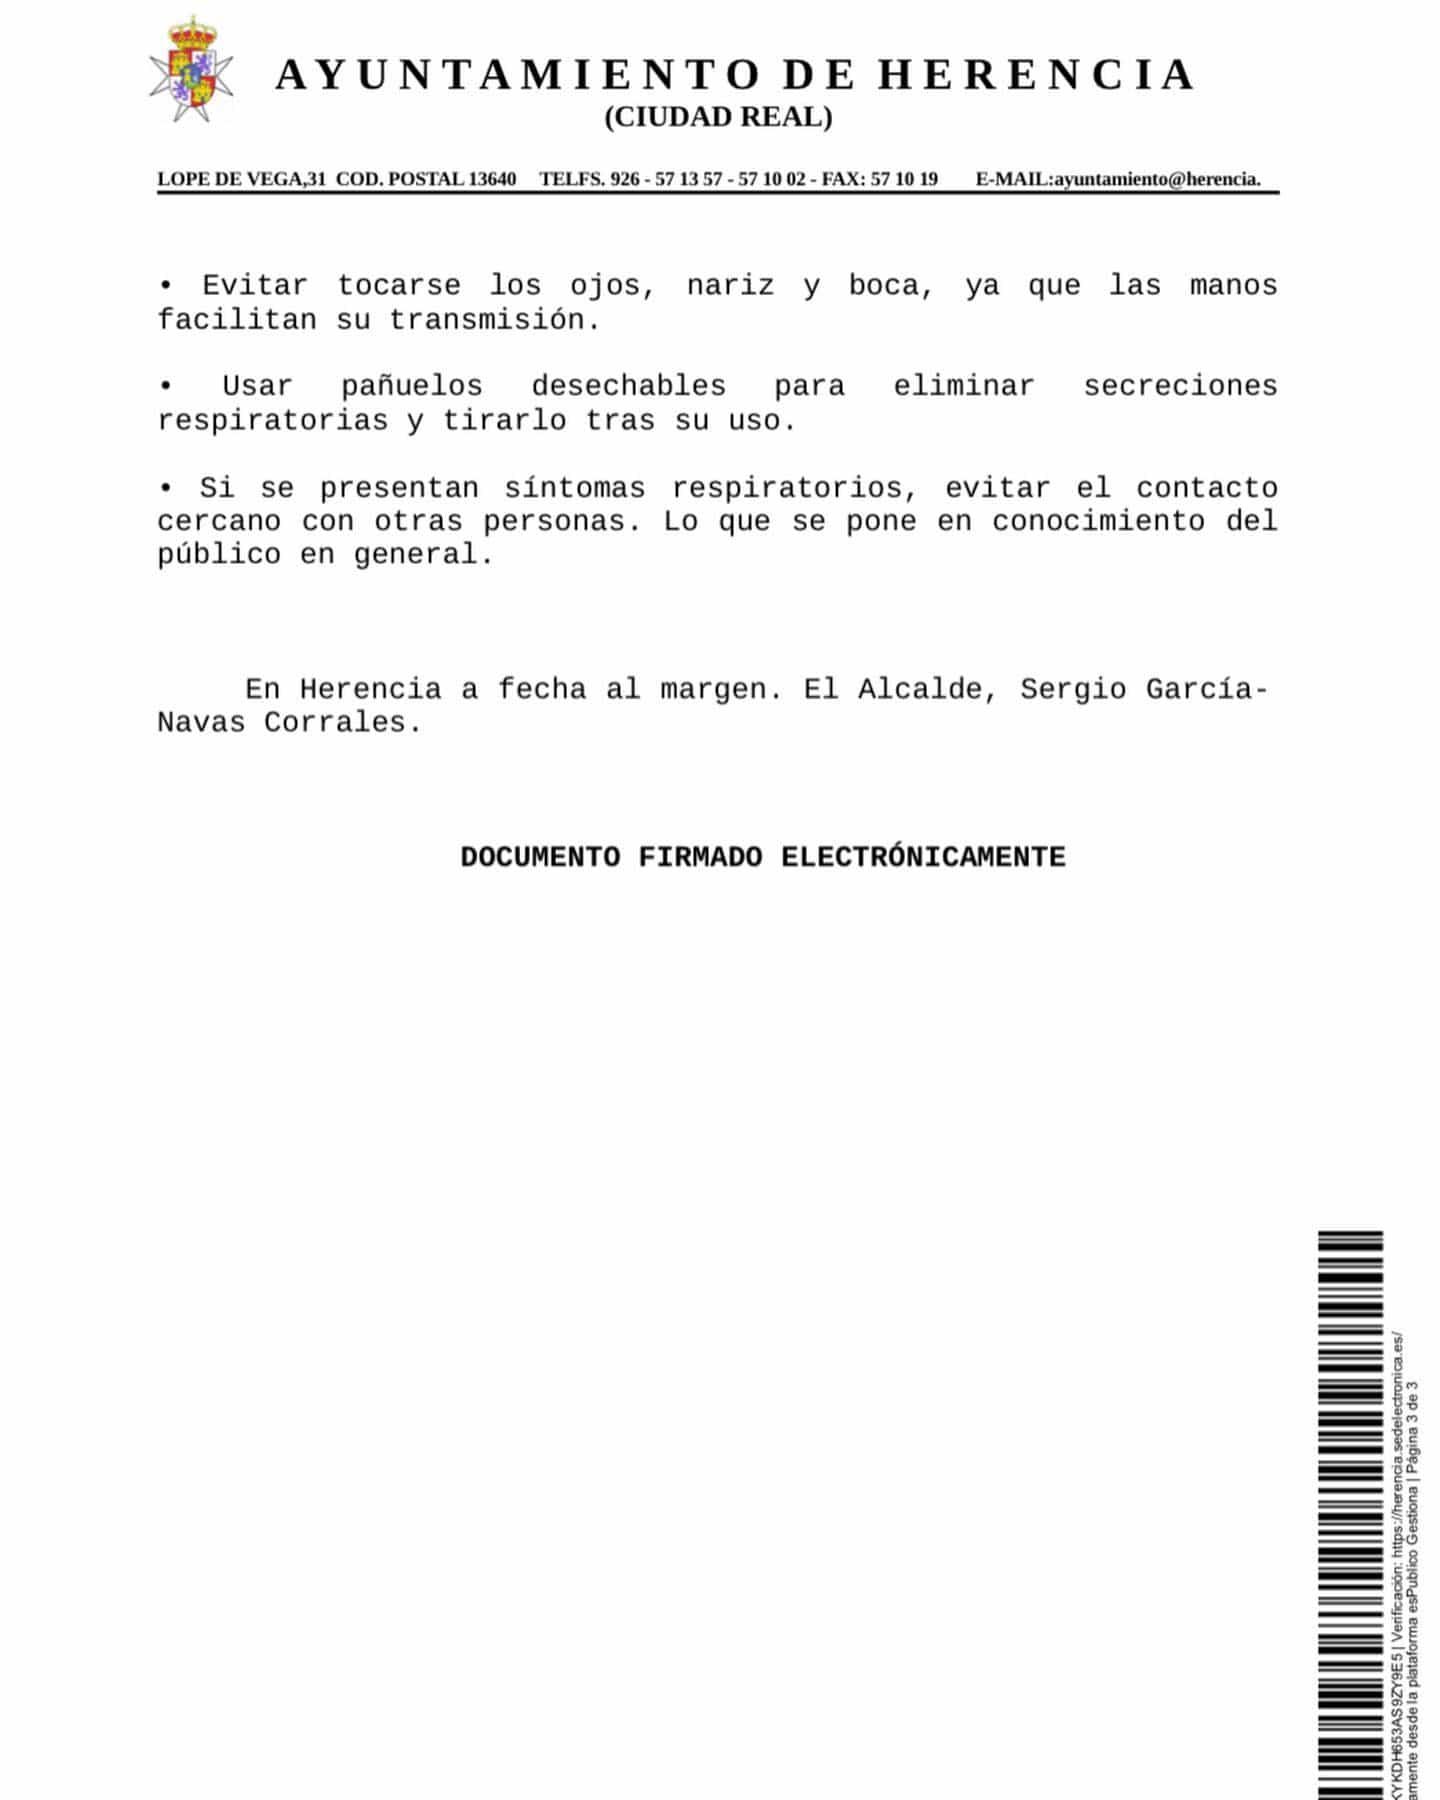 bando coronavirus herencia 3 - Bando municipal con las medidas adoptadas en Herencia por el Coronavirus